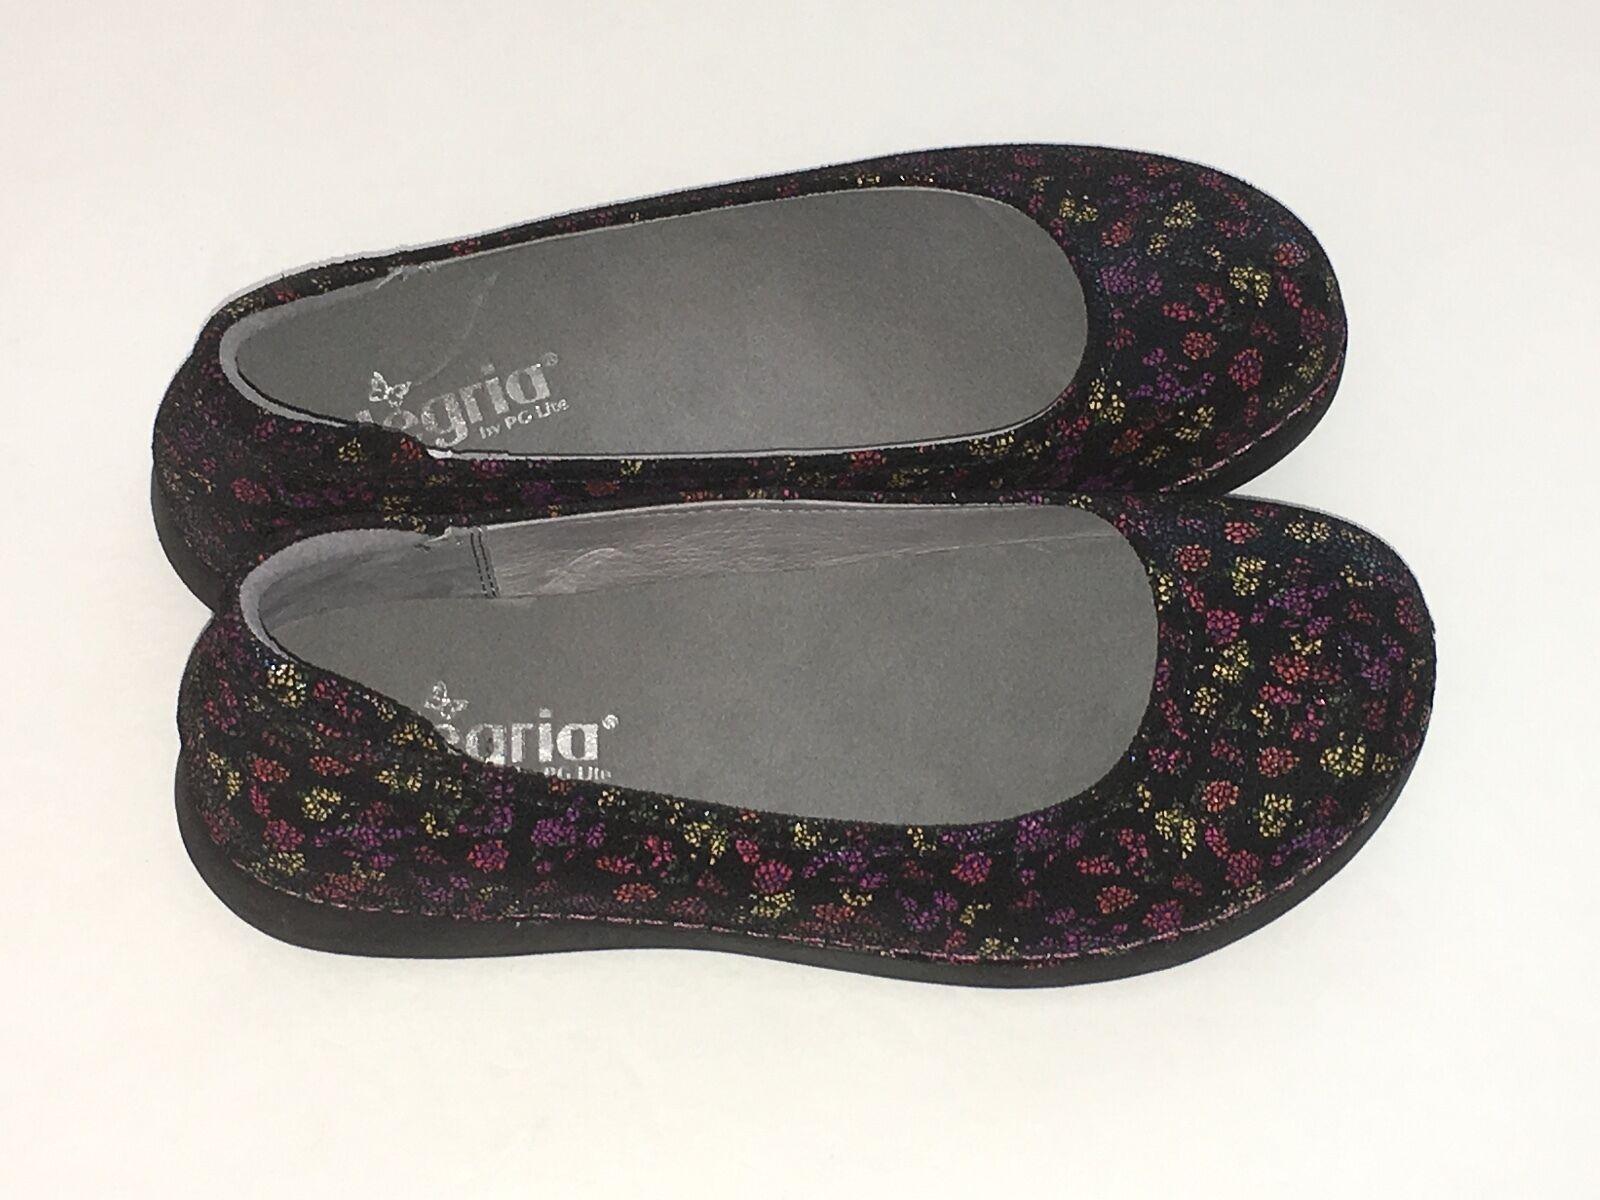 Alegria Por PG Lite Para Mujeres Cuero Cuero Cuero Sandalia Zapato De Pétalo Floral Talla 7.5 M  ahorre 60% de descuento